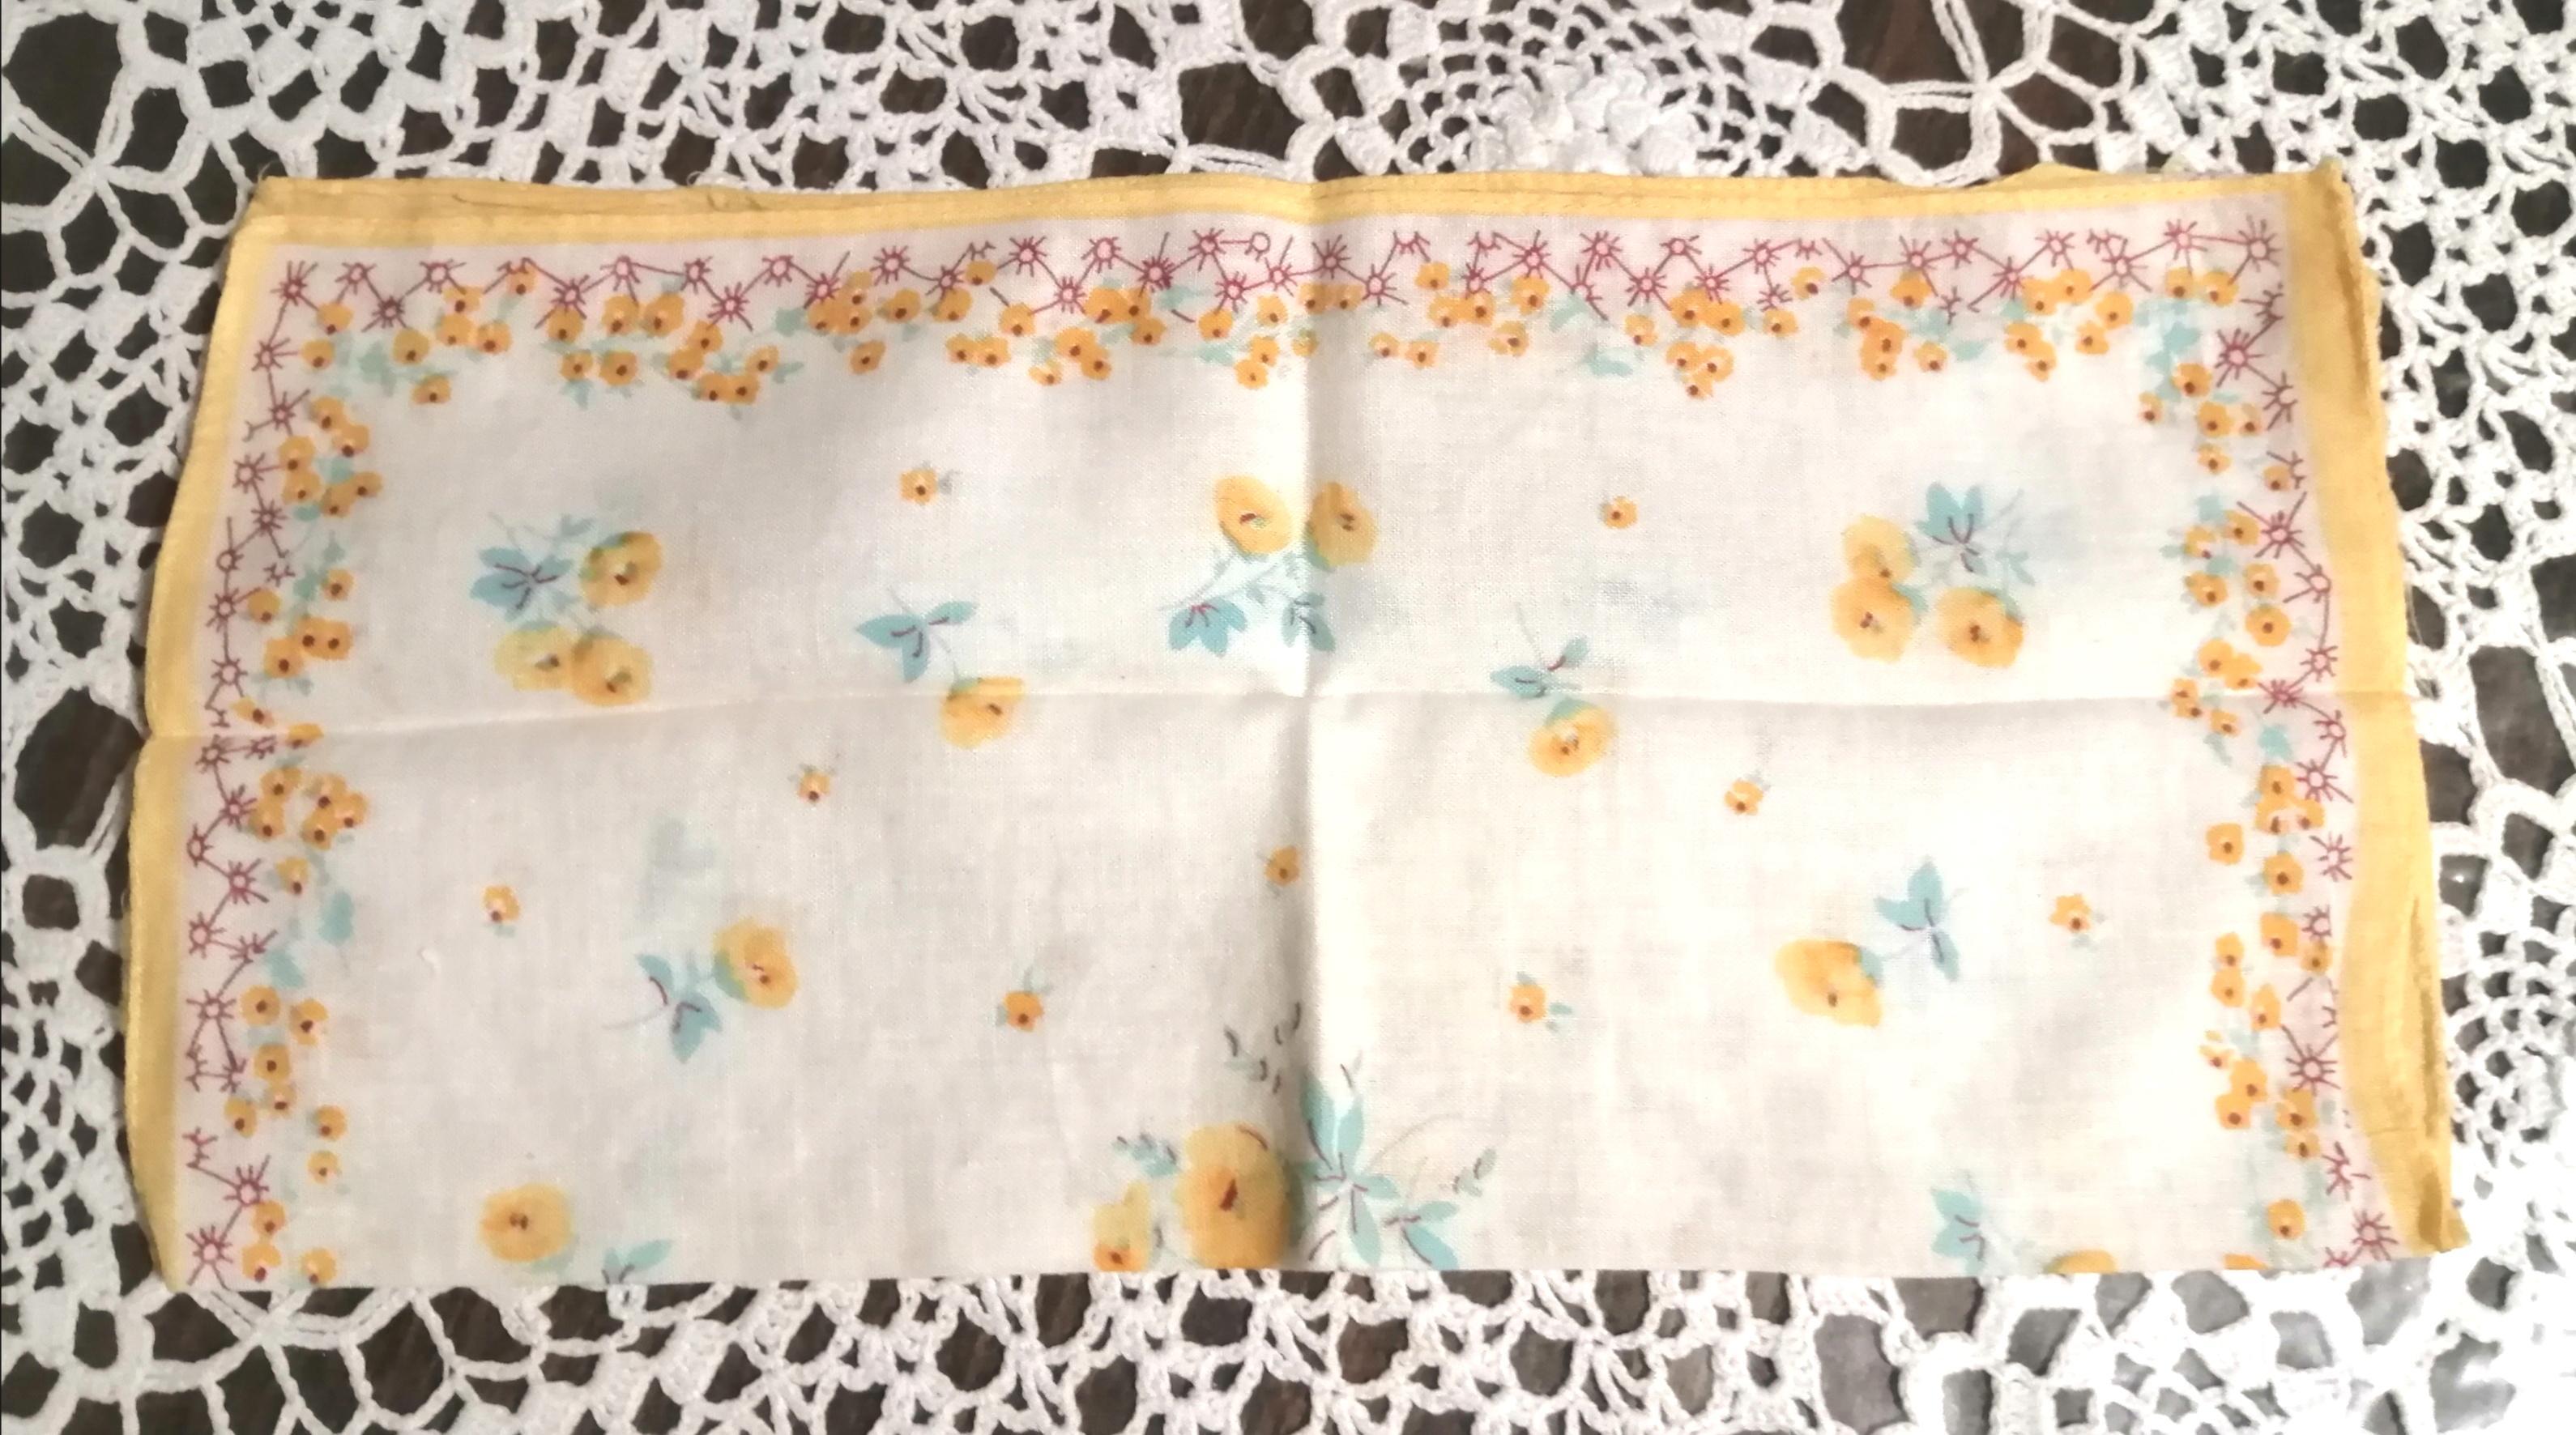 troc de troc mouchoir fin À fleurs jaunes image 1